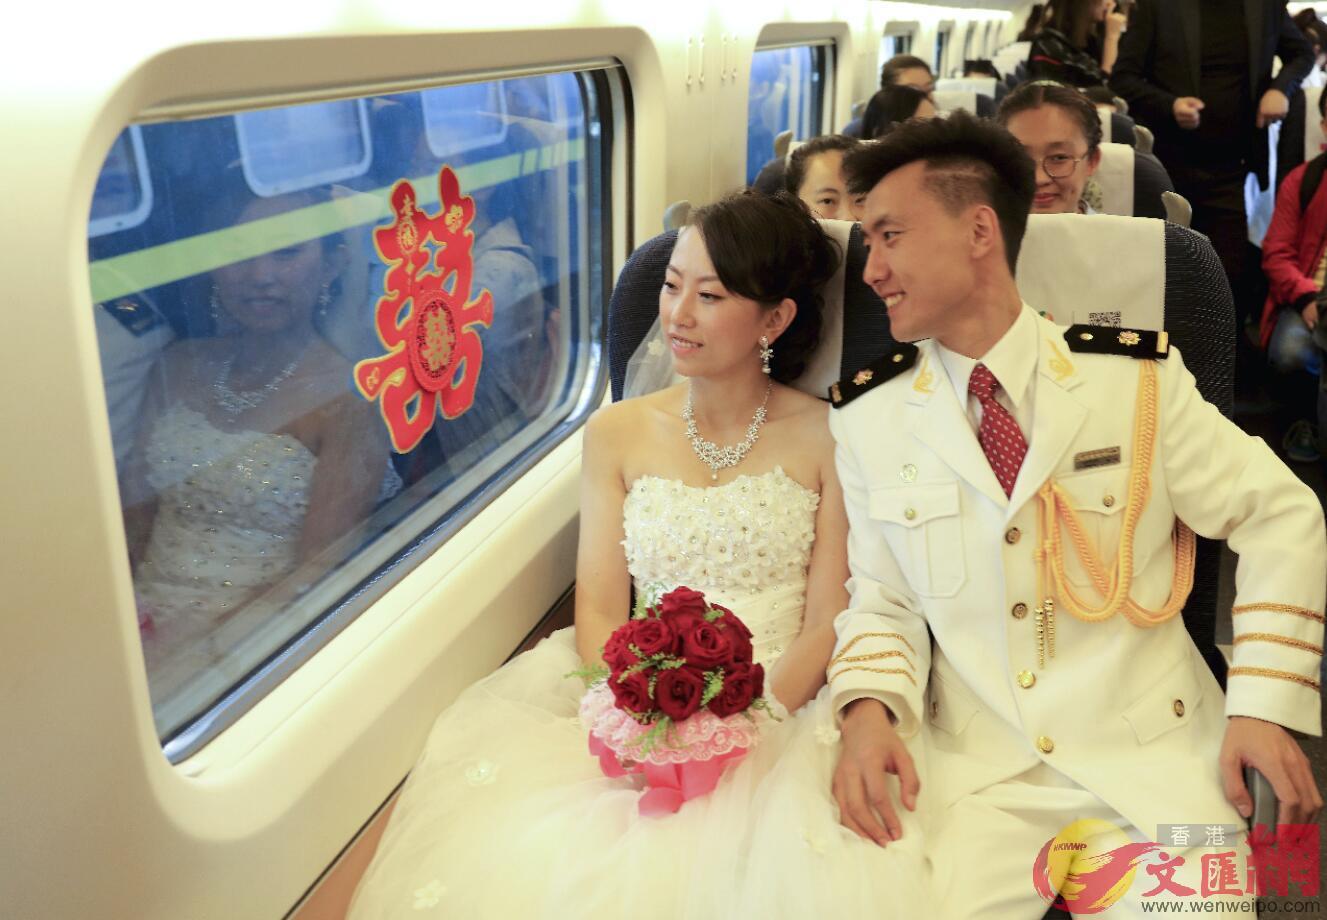 2017年9月9日,在哈爾濱西站,一對因高鐵結緣的異地新婚夫婦登上高鐵「婚車」,開啟他們的「雙城」婚姻。